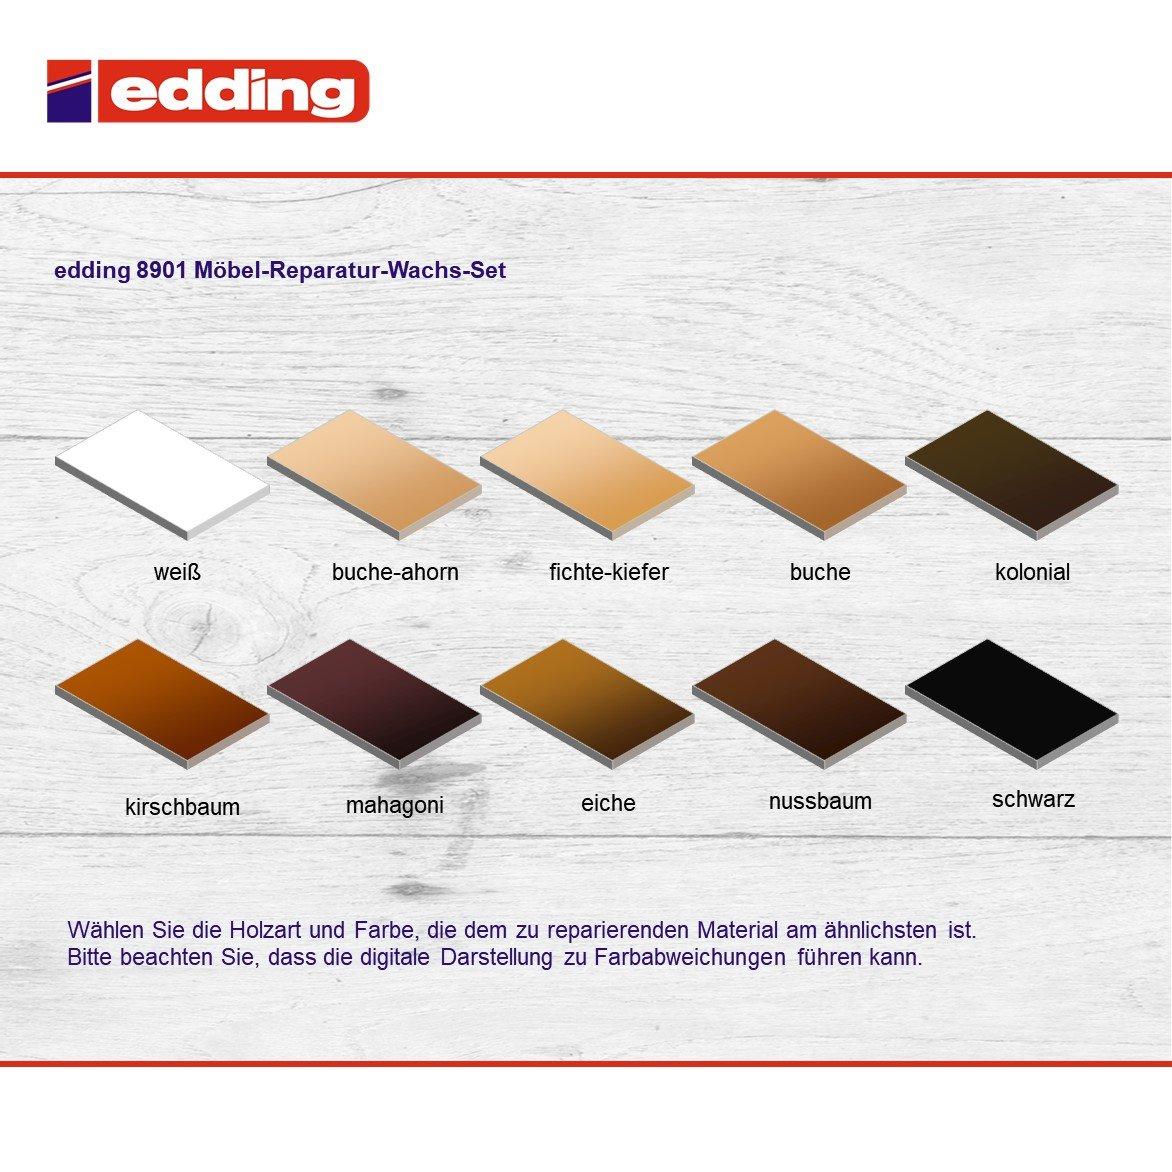 Edding 8901 Möbel Reparatur Wachs Set 3 Mischbare Farben Weiß